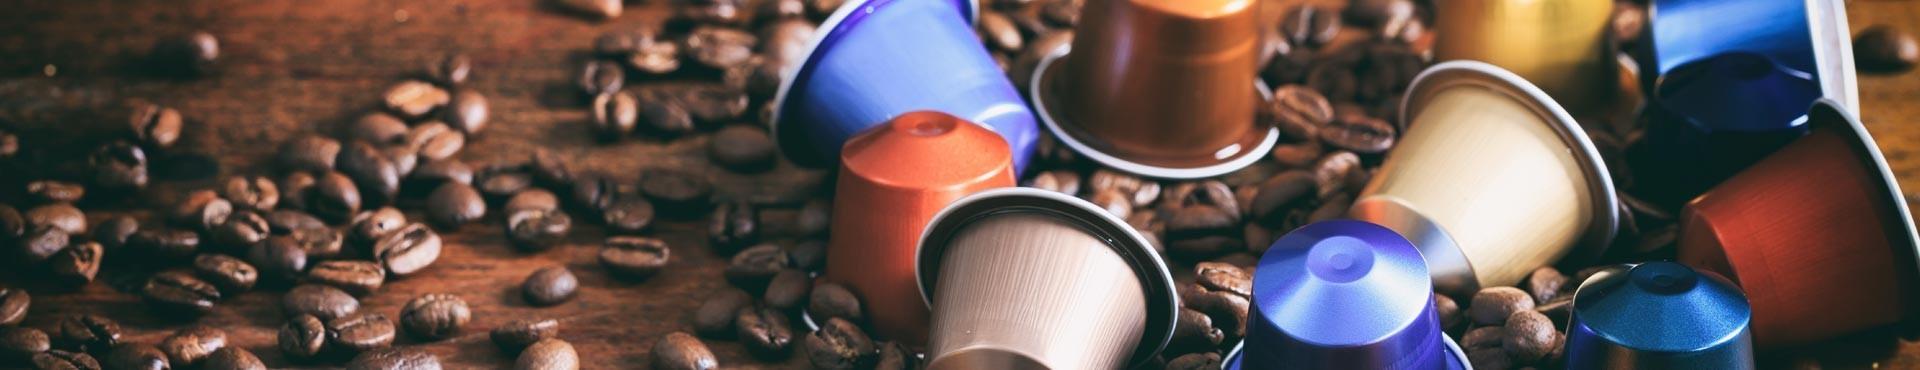 Nos capsules de café - OnWine